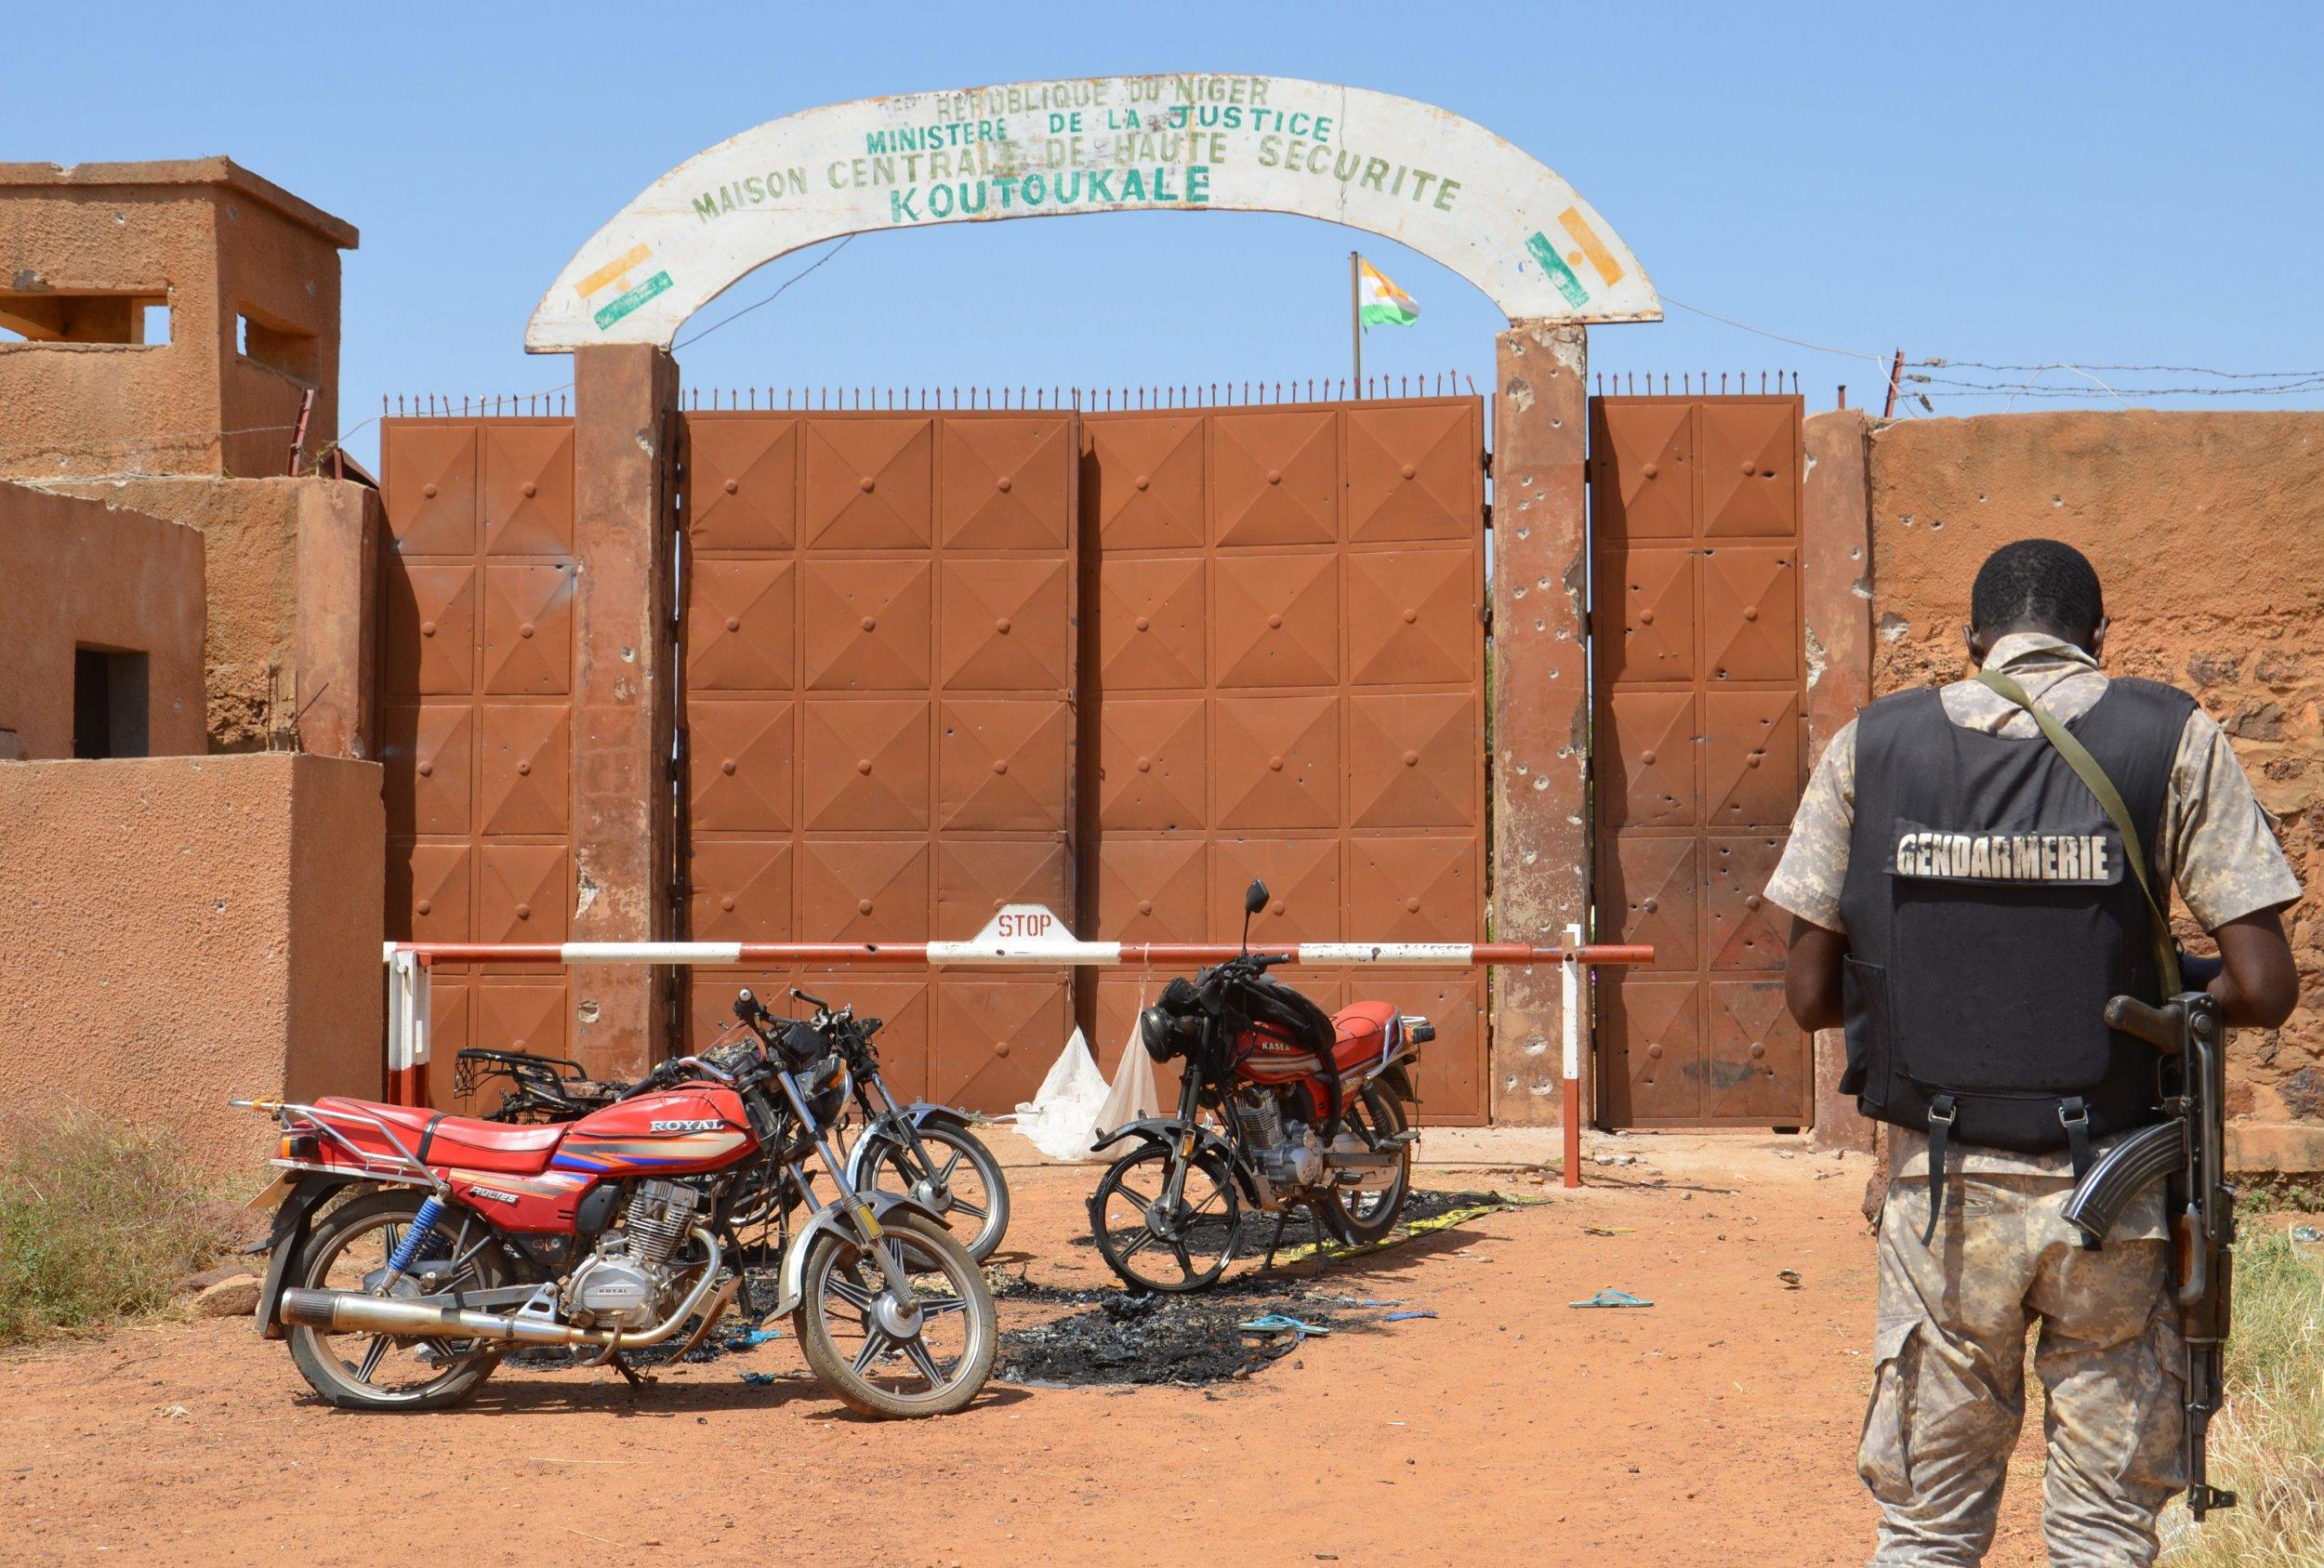 Koutoukale prison